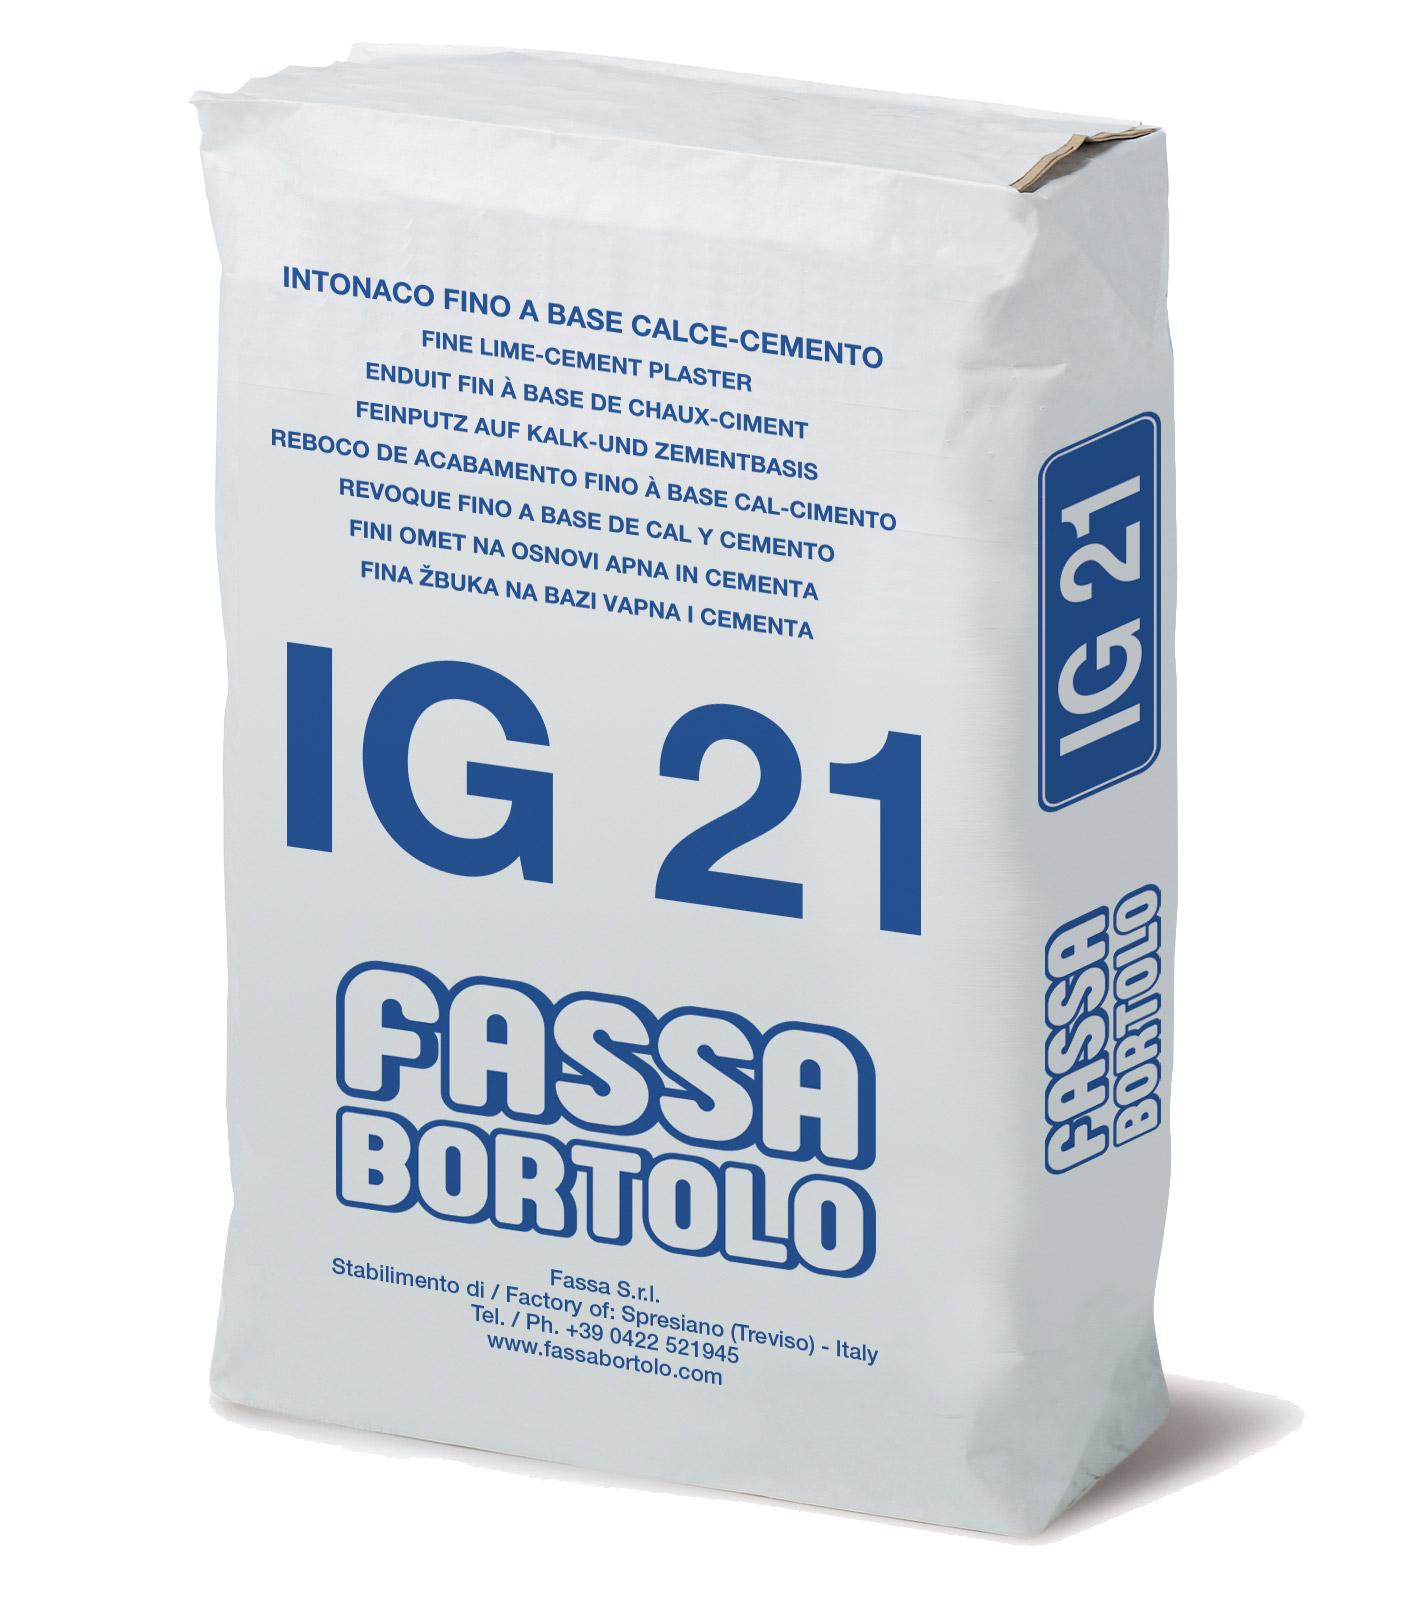 IG 21: Intonaco di finitura a base di calce e cemento bianco o grigio, per esterni ed interni